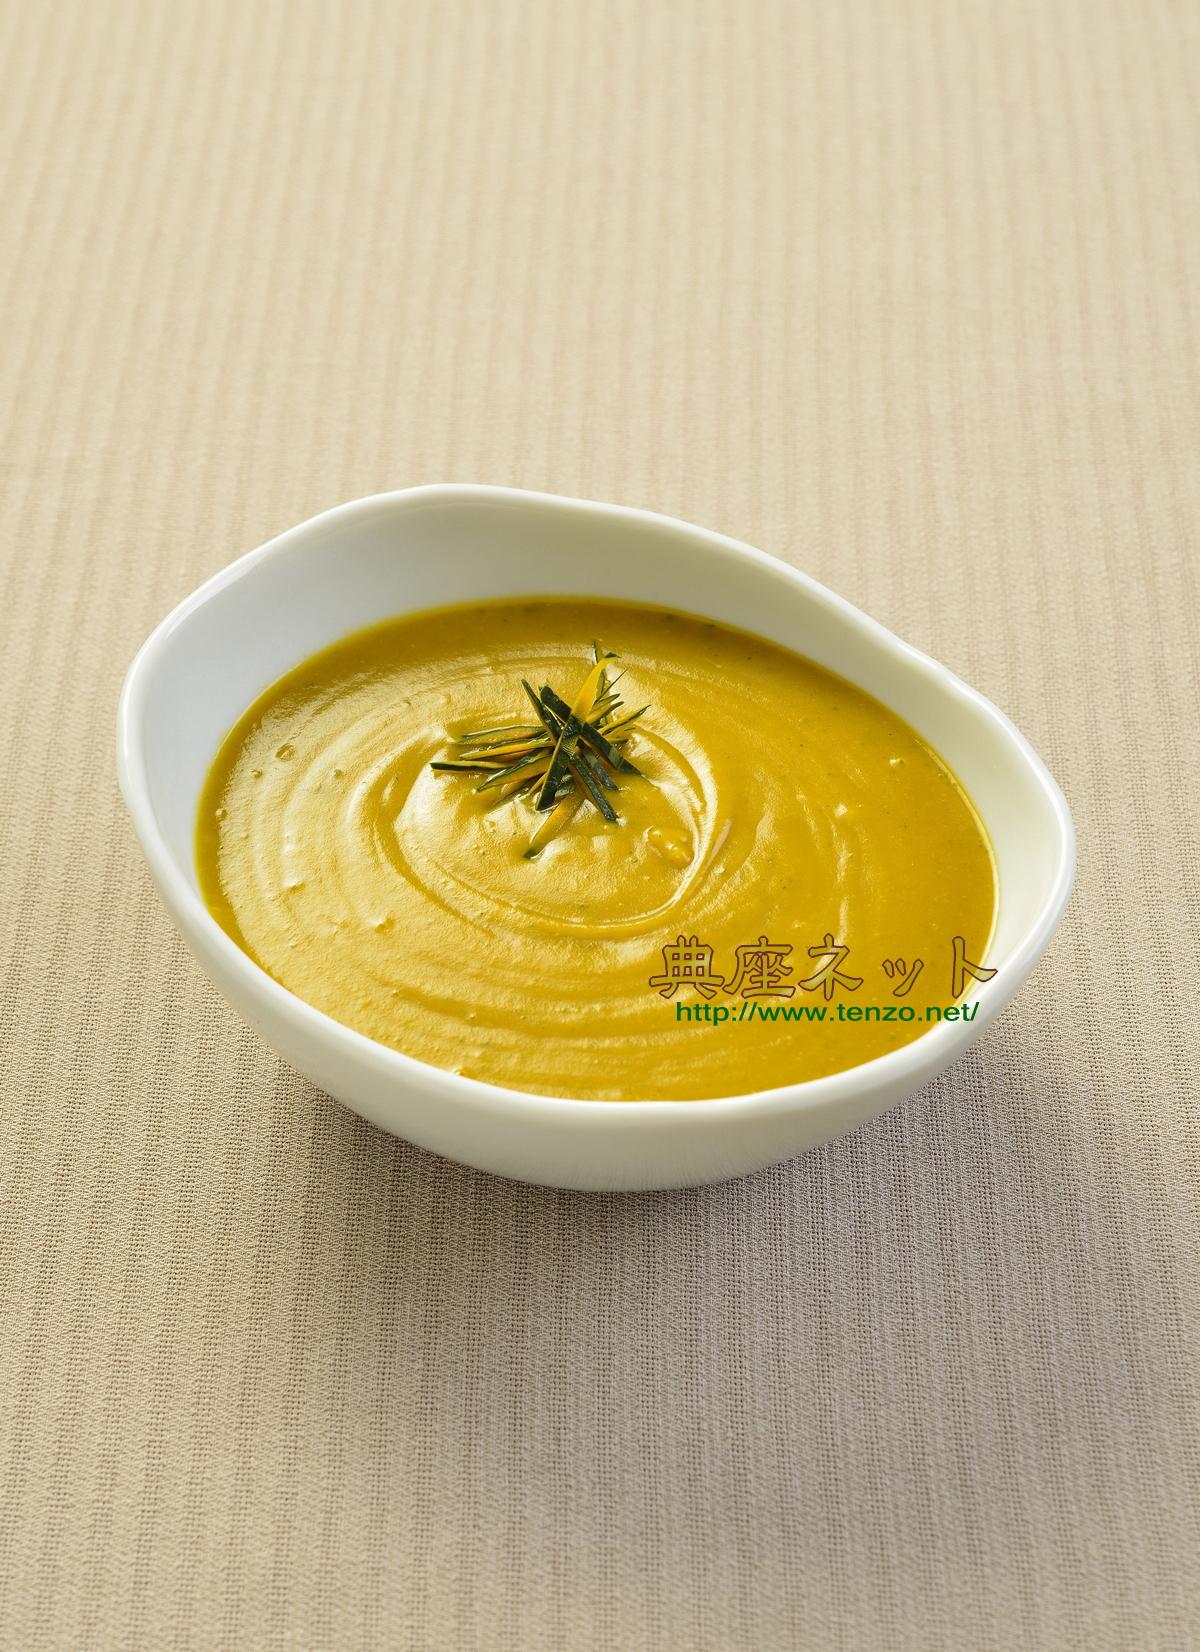 カボチャの濃厚精進スープ